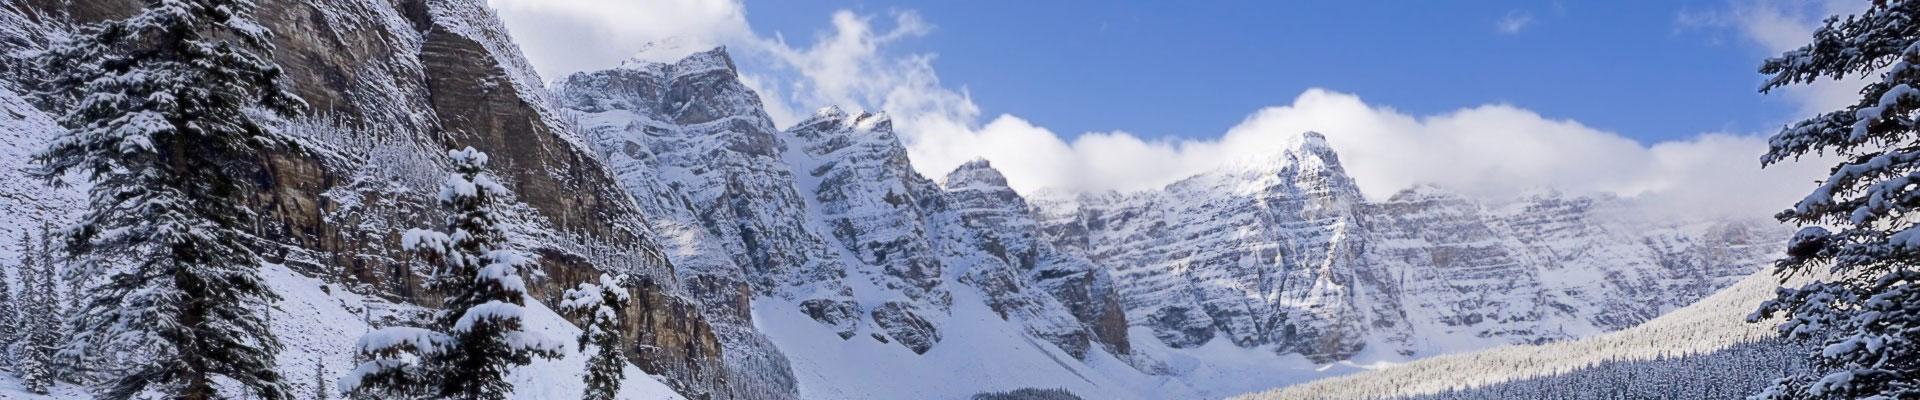 slide-inspire-hiver